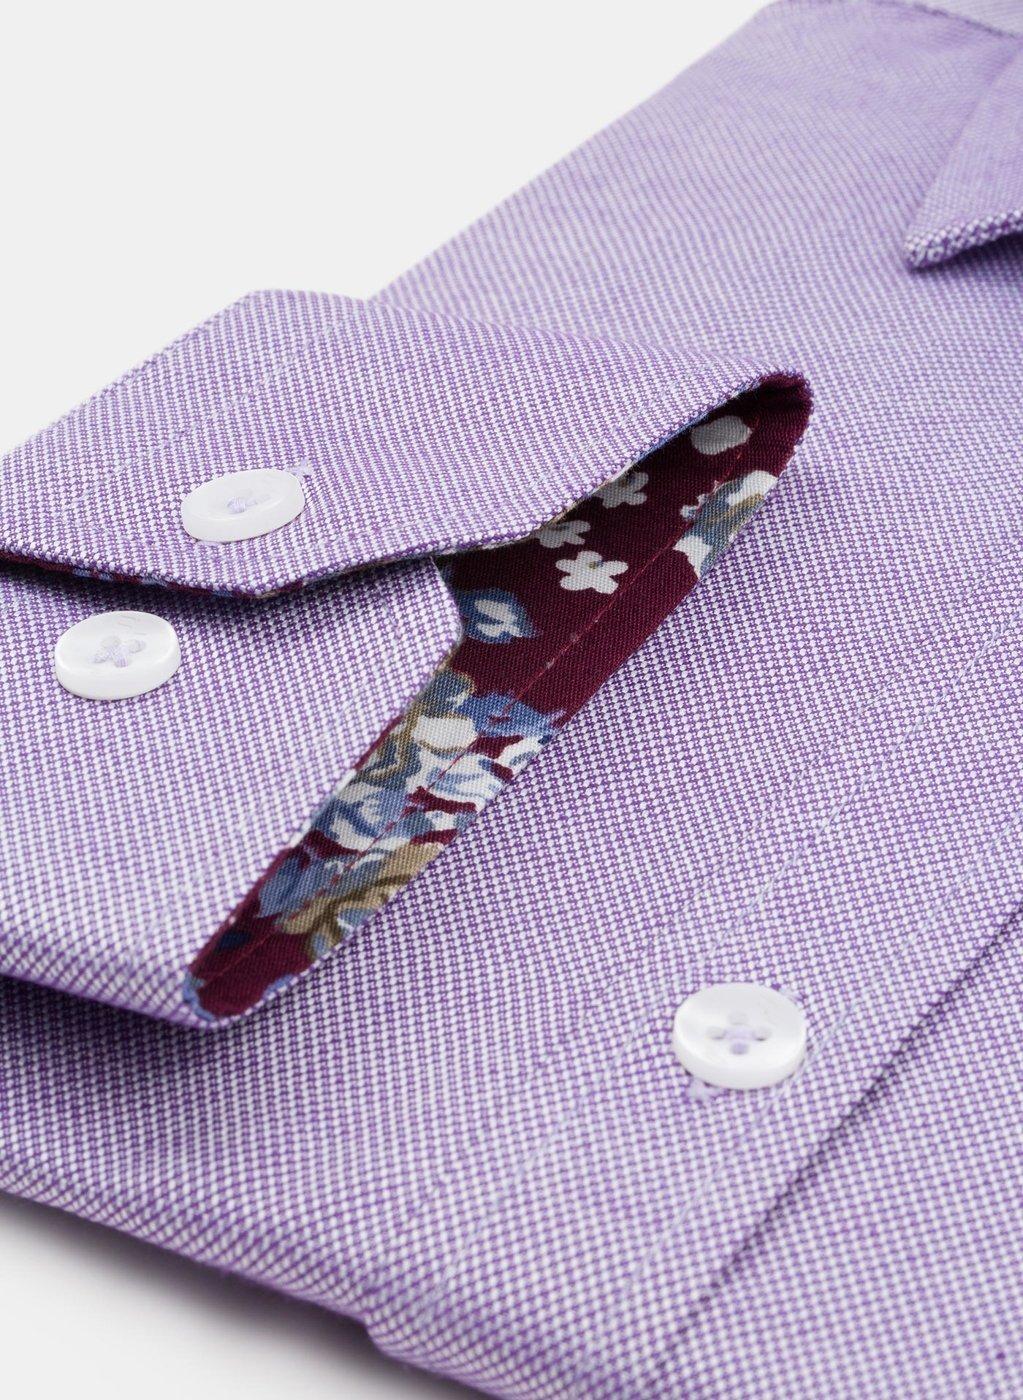 Koszula w kolorze fioletowym męska zapinana na ukryte guziki